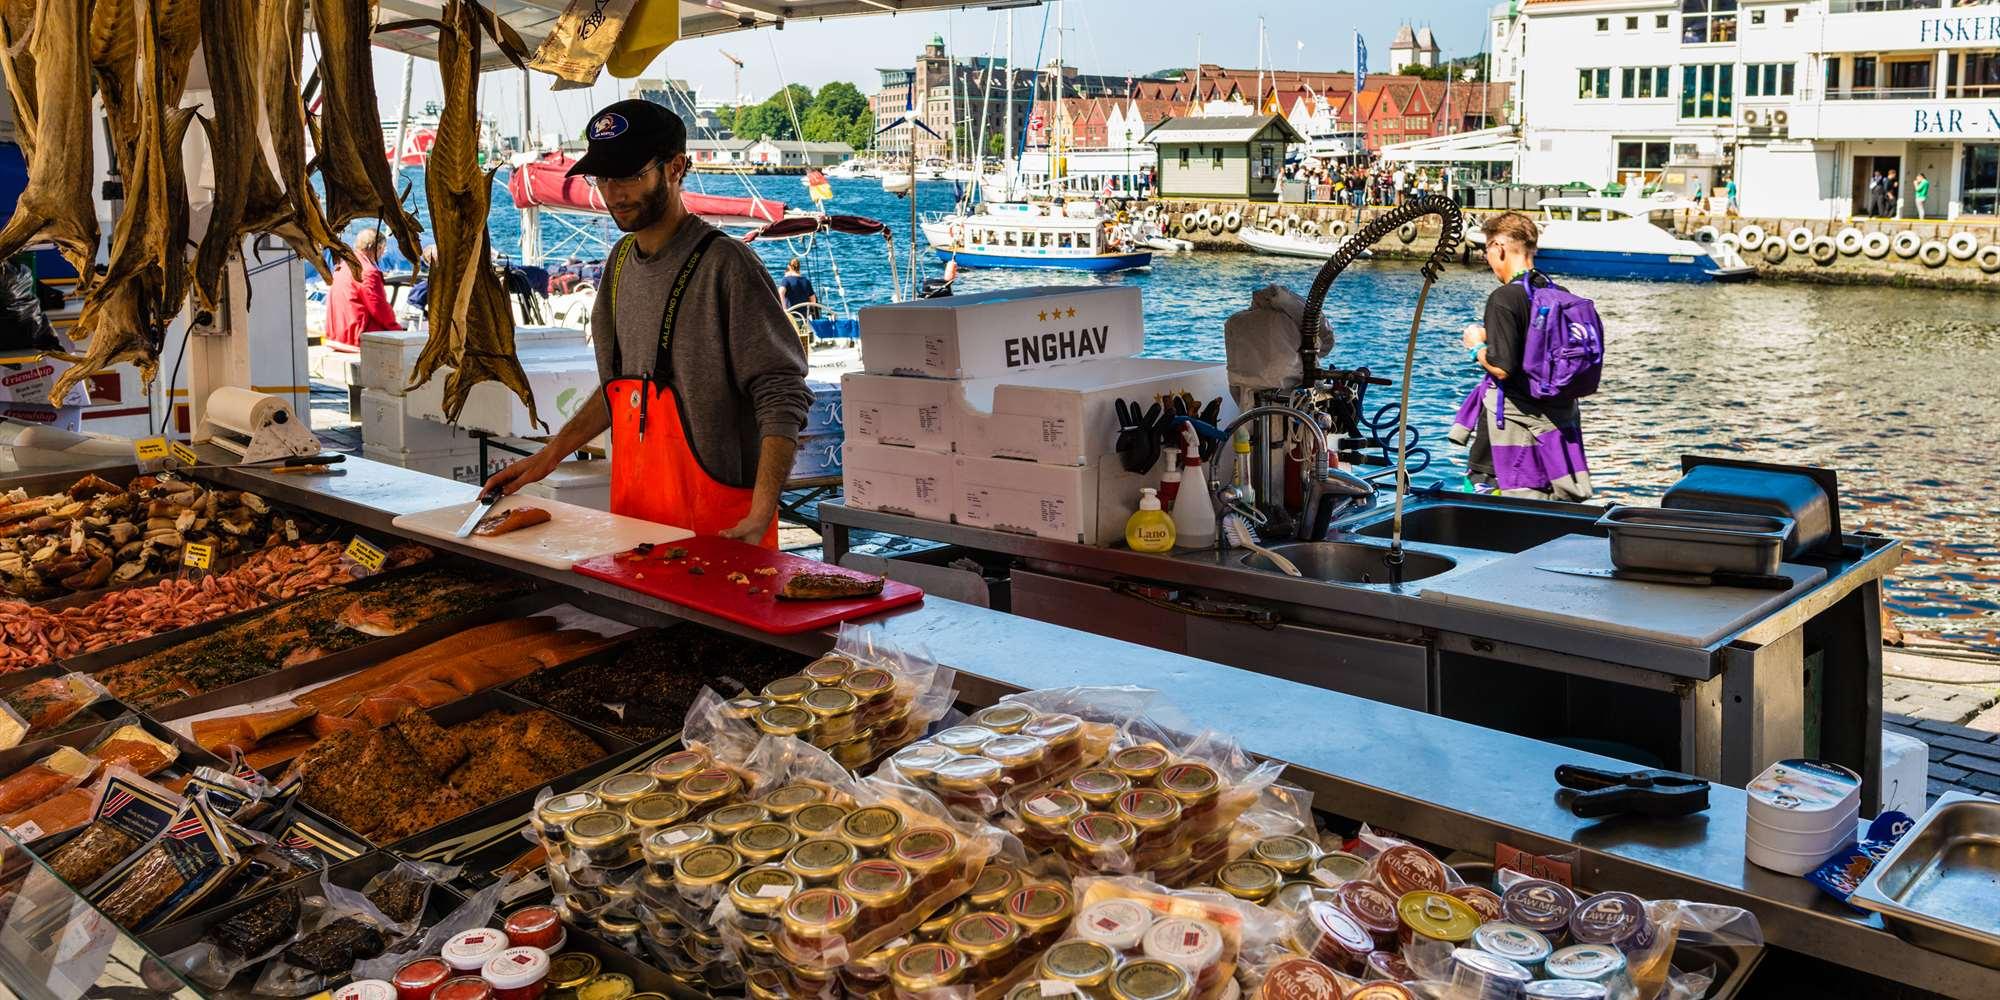 Fish Market in Bergen - visitBergen com